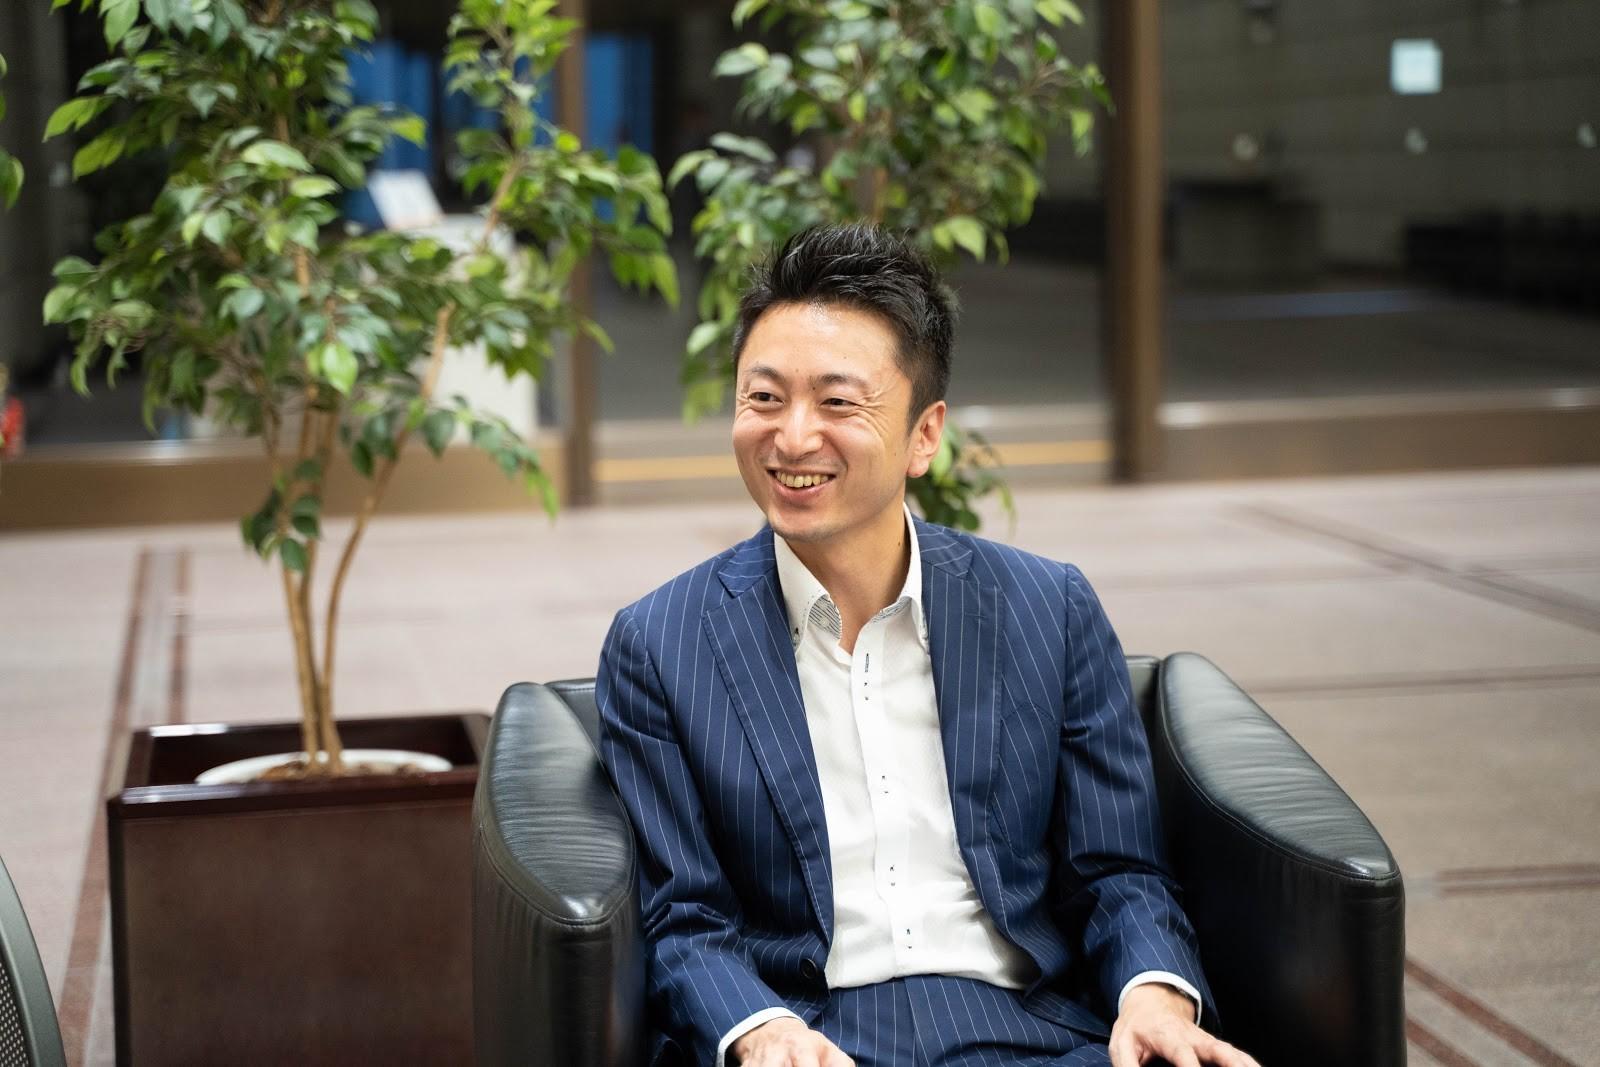 株式会社みんせつ(みんなの説明会)代表取締役CEO中安祐貴さんの取材に行ってまいりました!